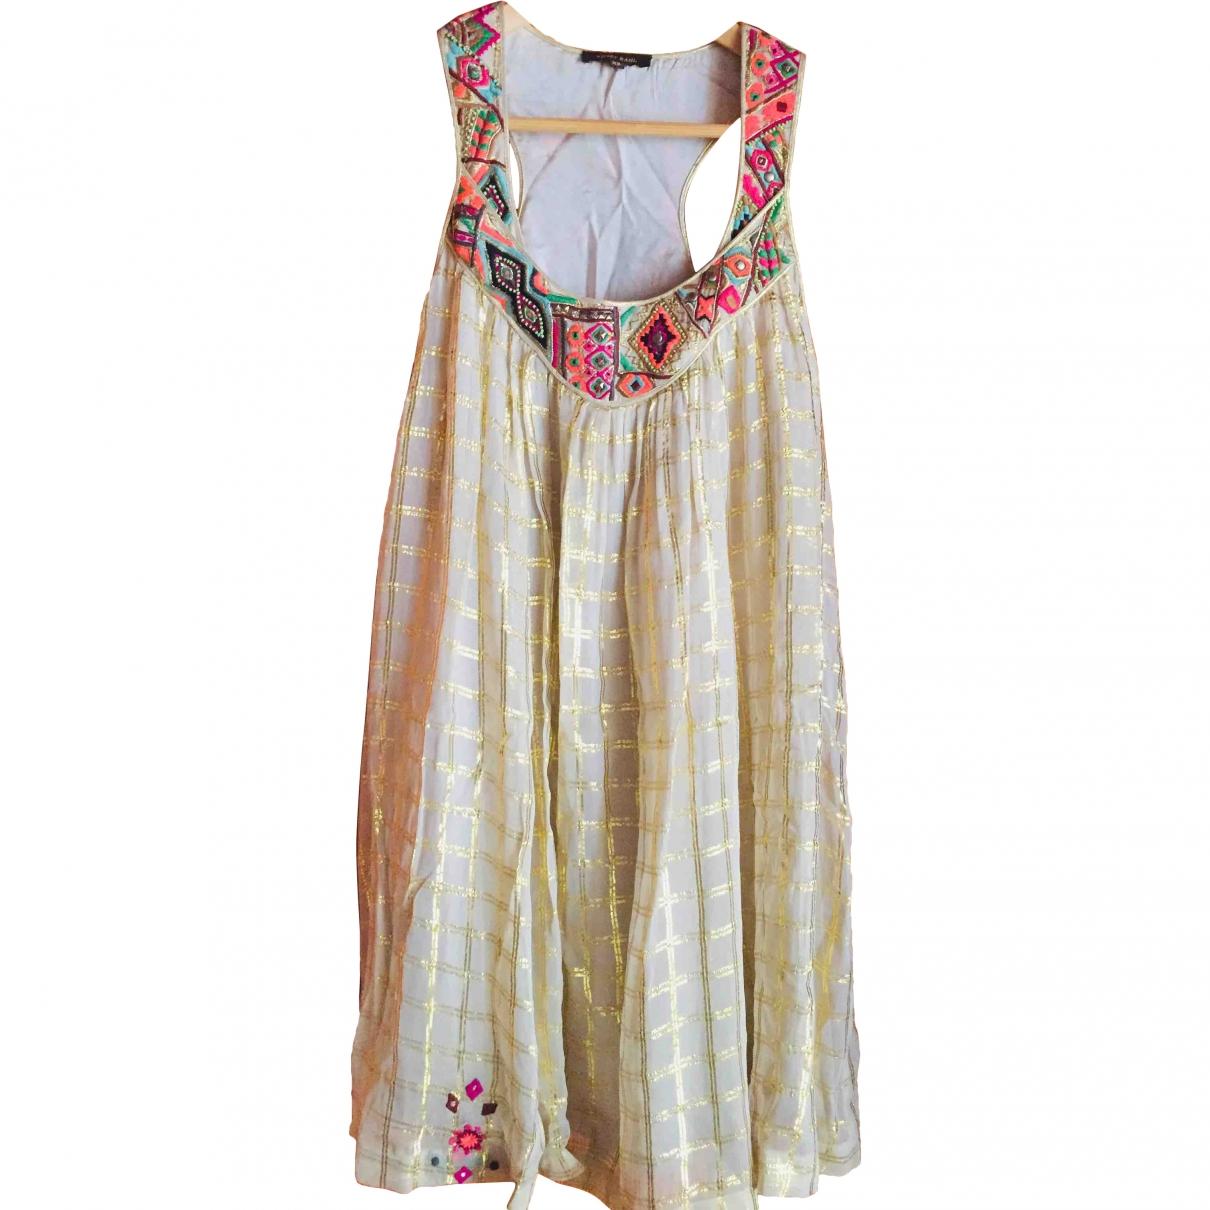 Vineet Bahl \N Gold dress for Women XS International